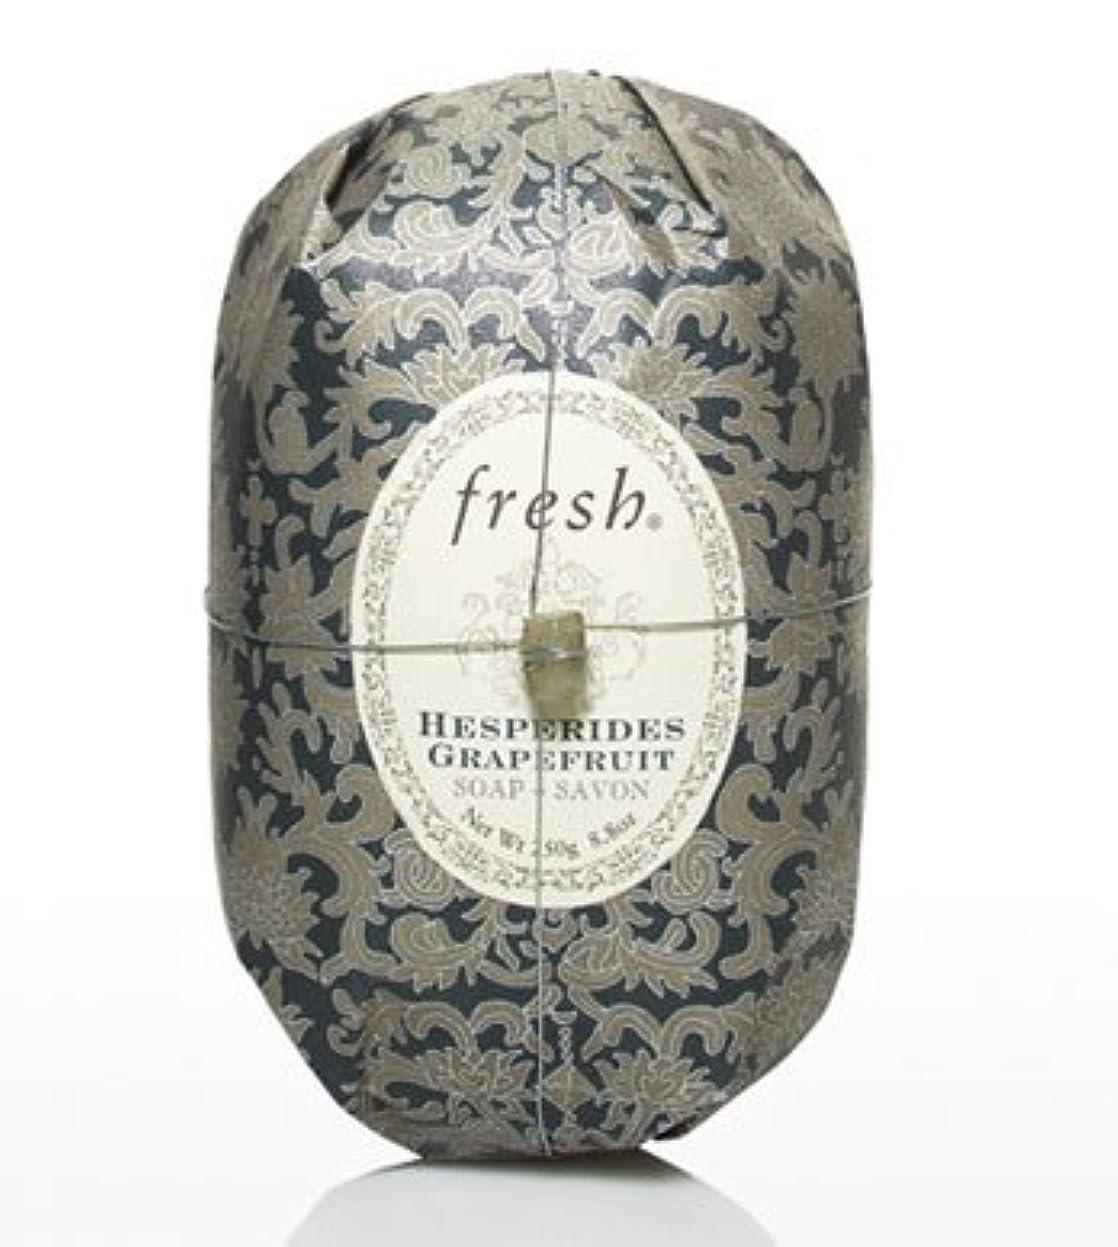 ランドリー早める前進Fresh HESPERIDES GRAPEFRUIT SOAP (フレッシュ ヘスペリデス グレープフルーツ ソープ) 8.8 oz (250g) Soap (石鹸) by Fresh